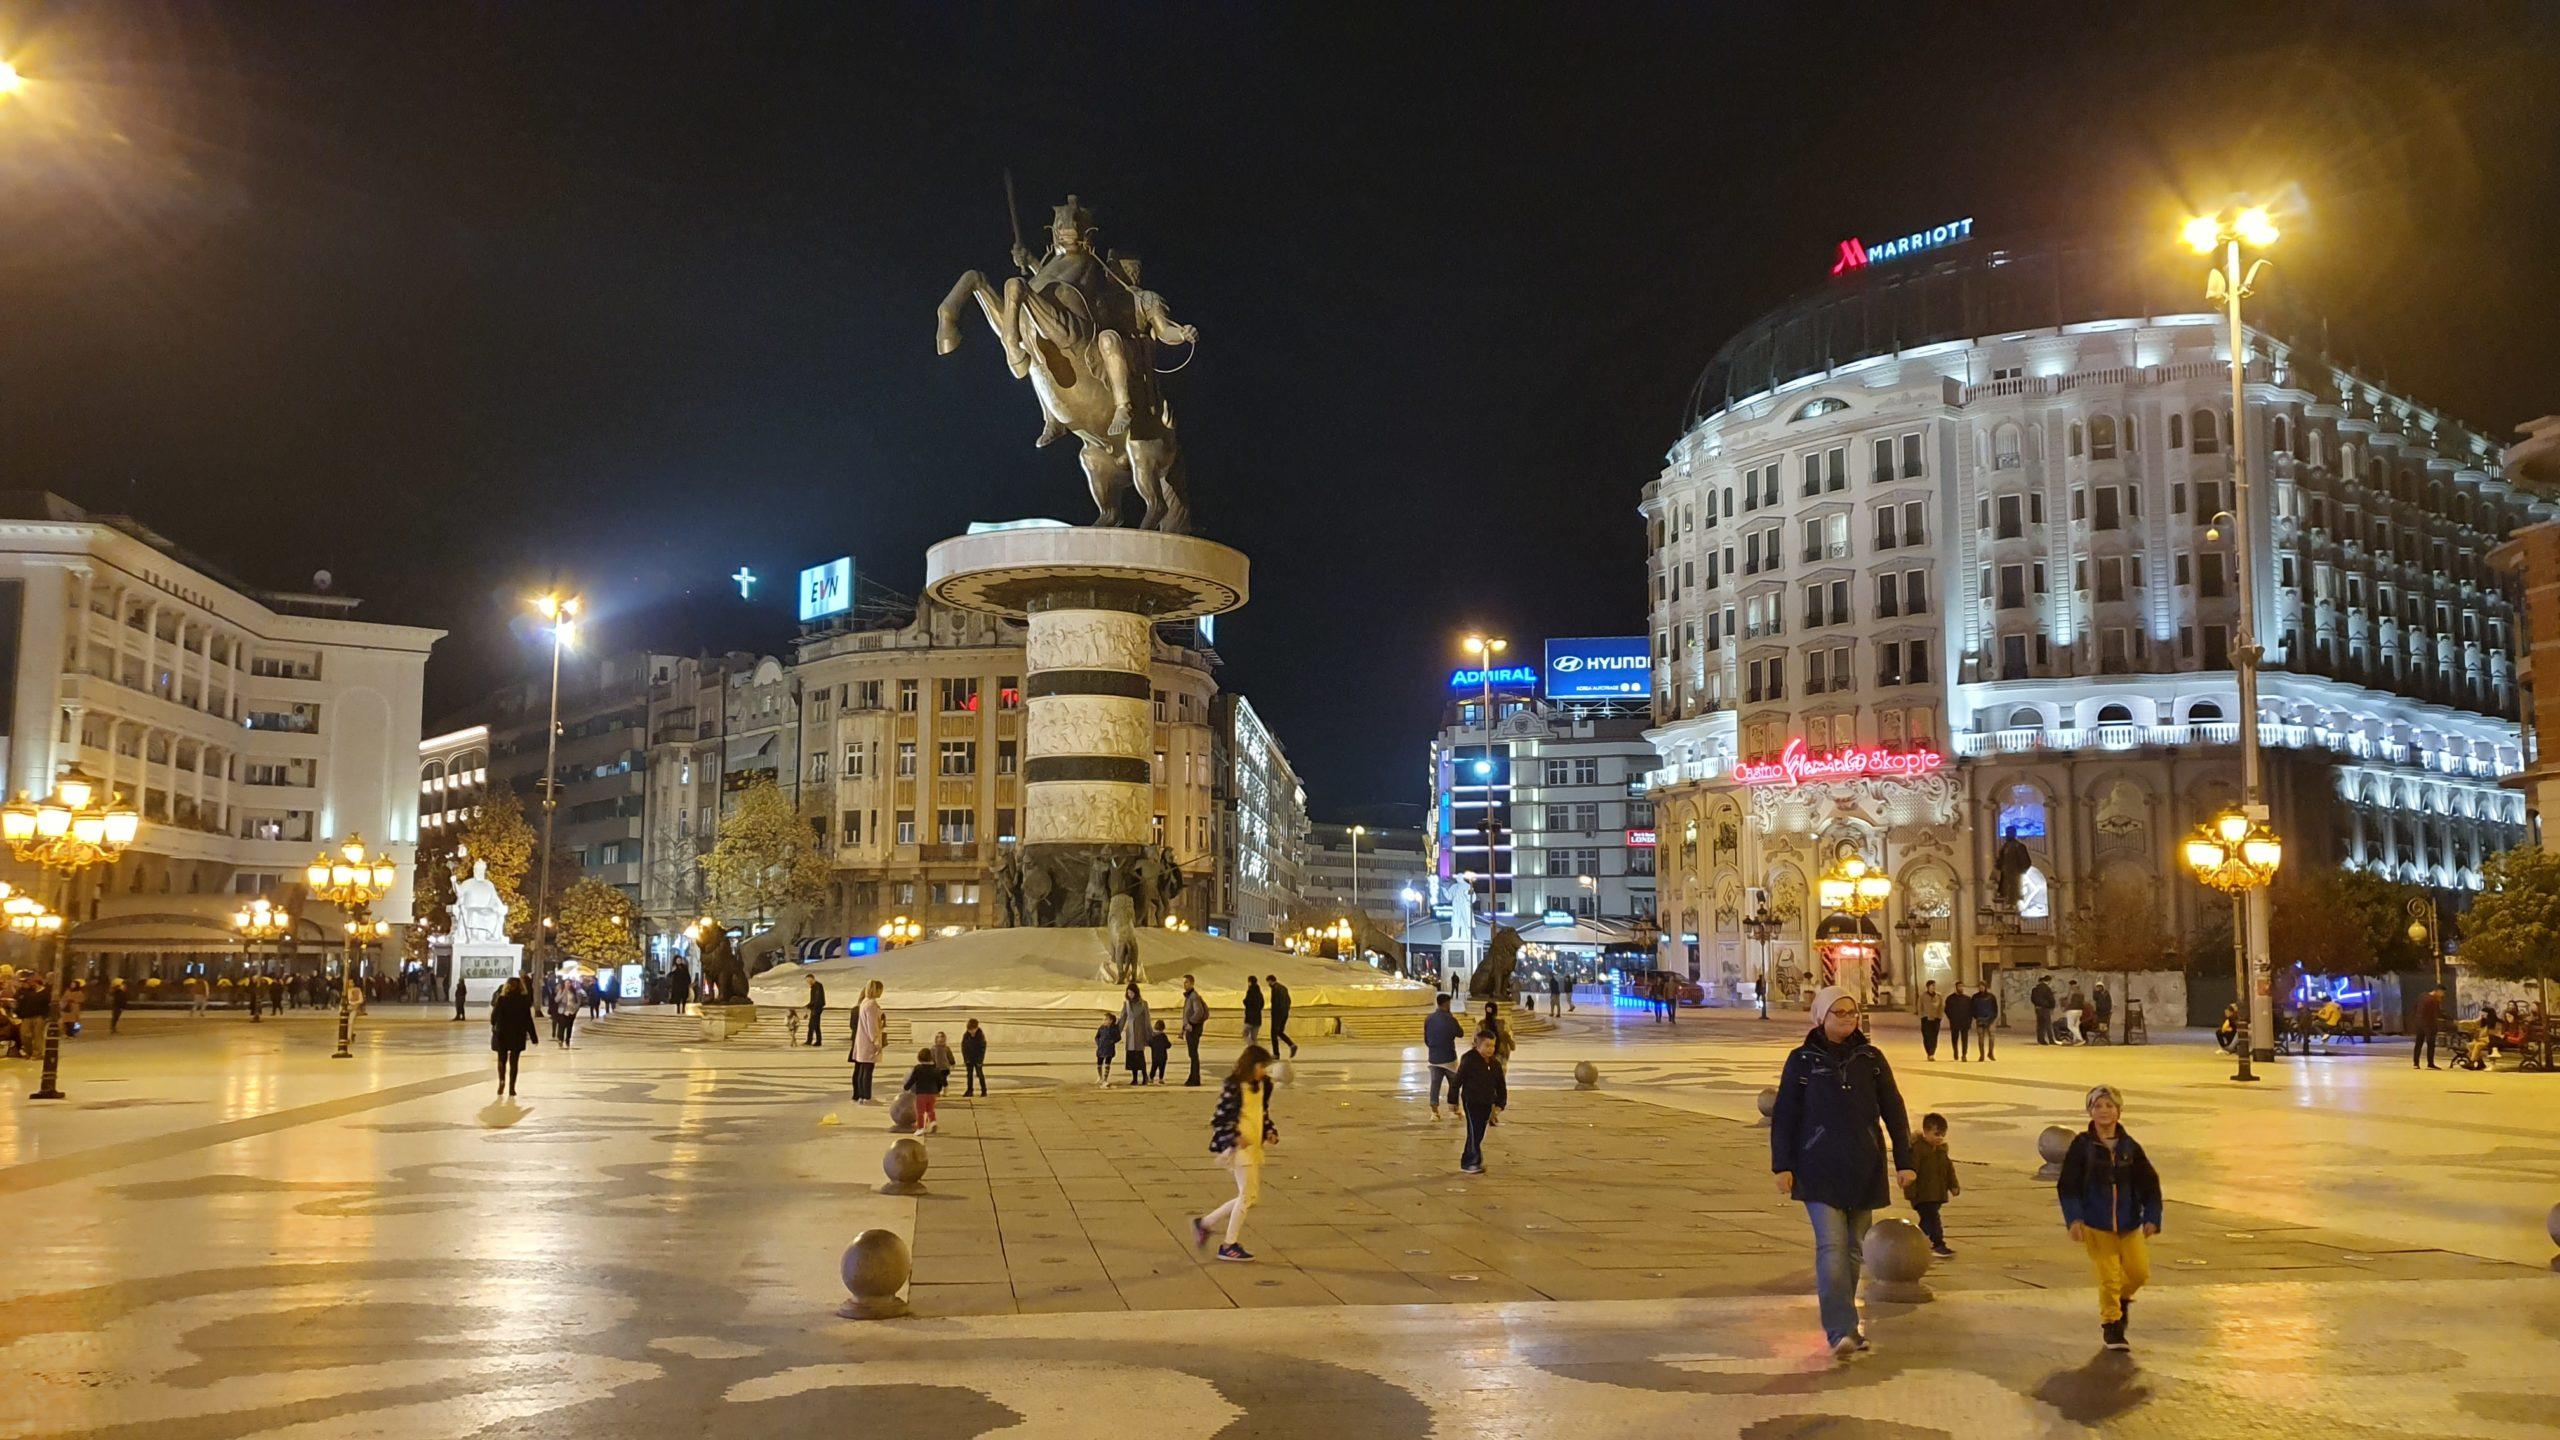 Balkan Roadtrip mit Baby - Statue auf nächtlichem Platz